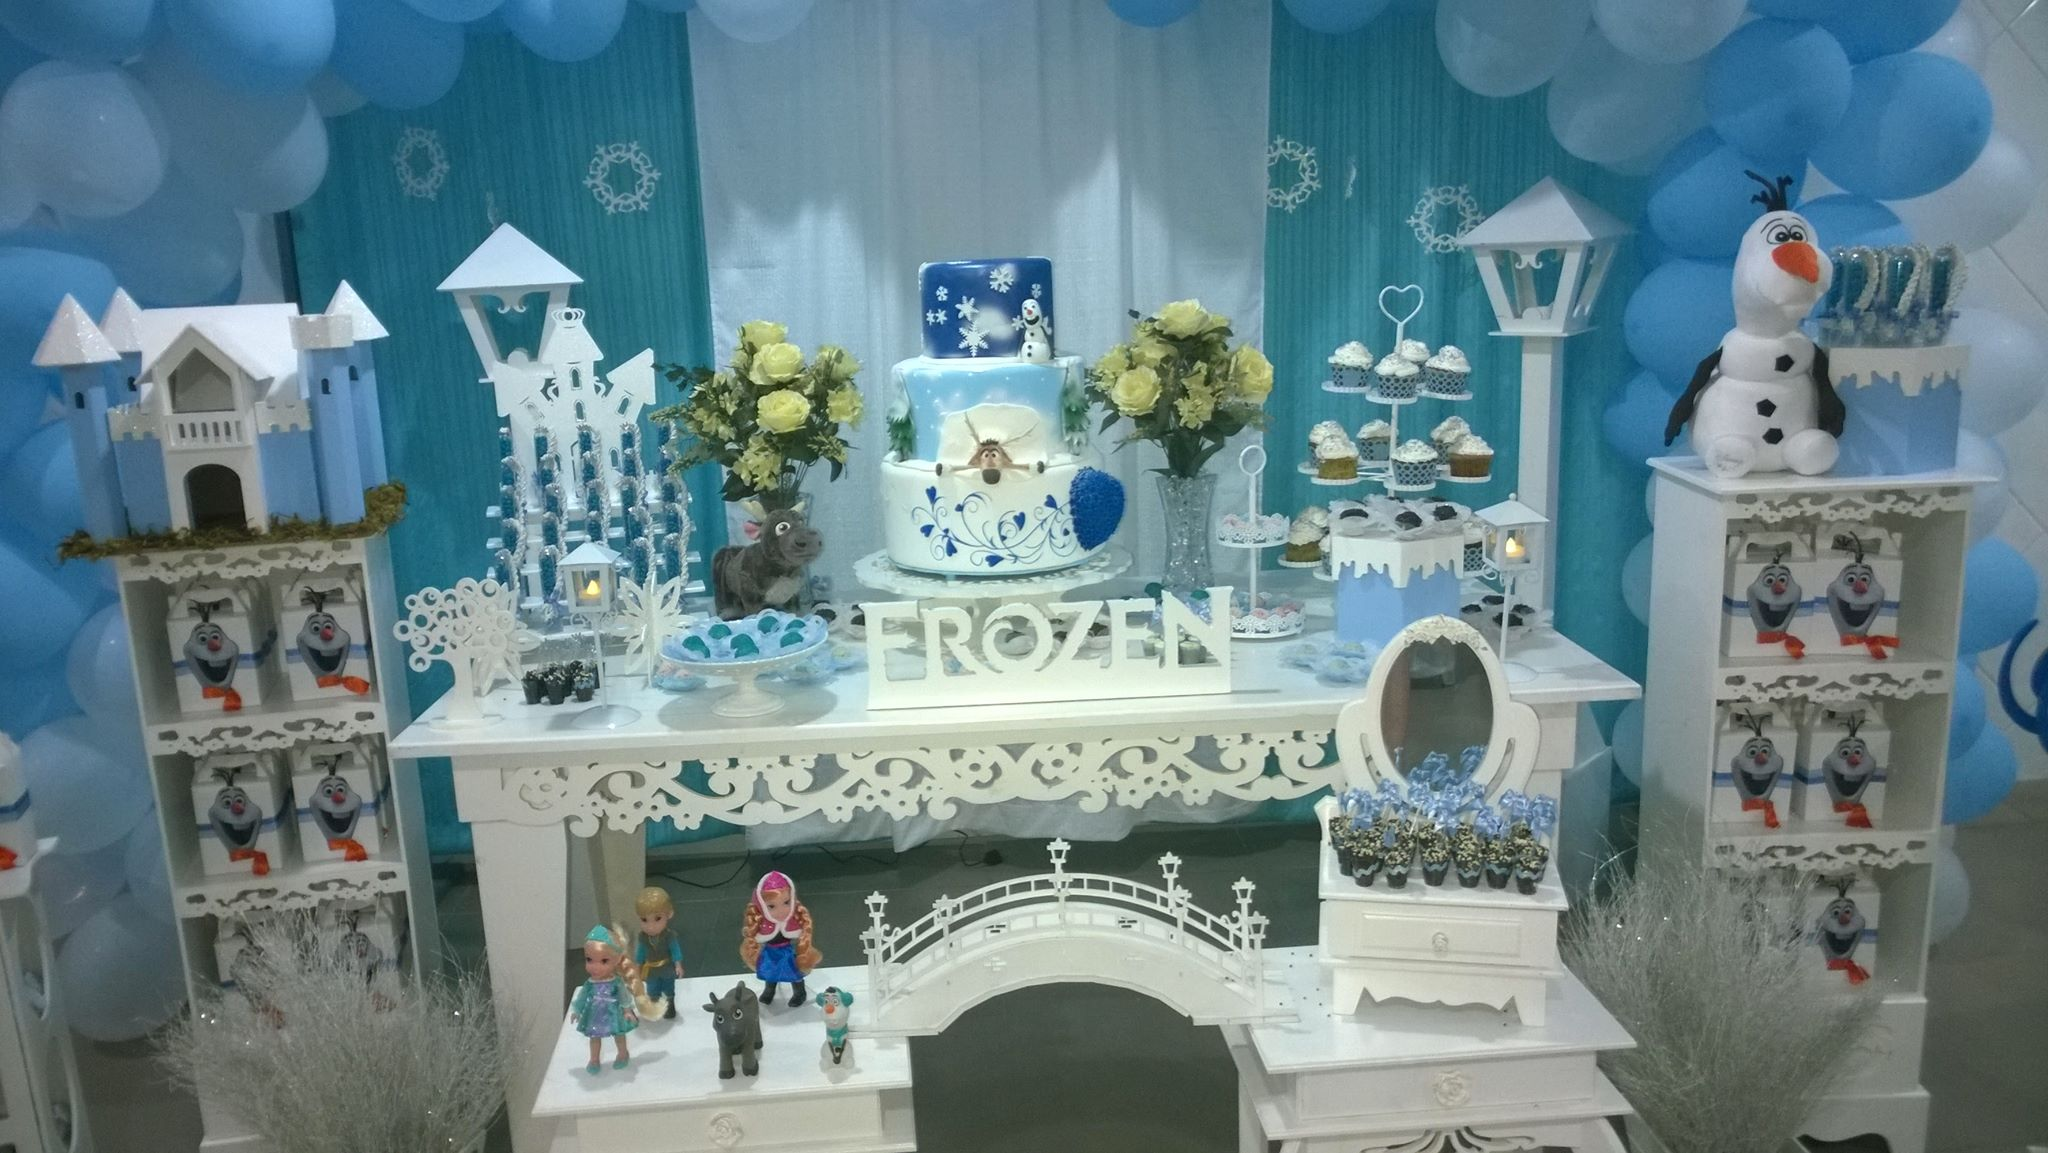 Imagens Frozen Uma Aventura Congelante Complete decoração frozen uma aventura congelante | mione festas | elo7